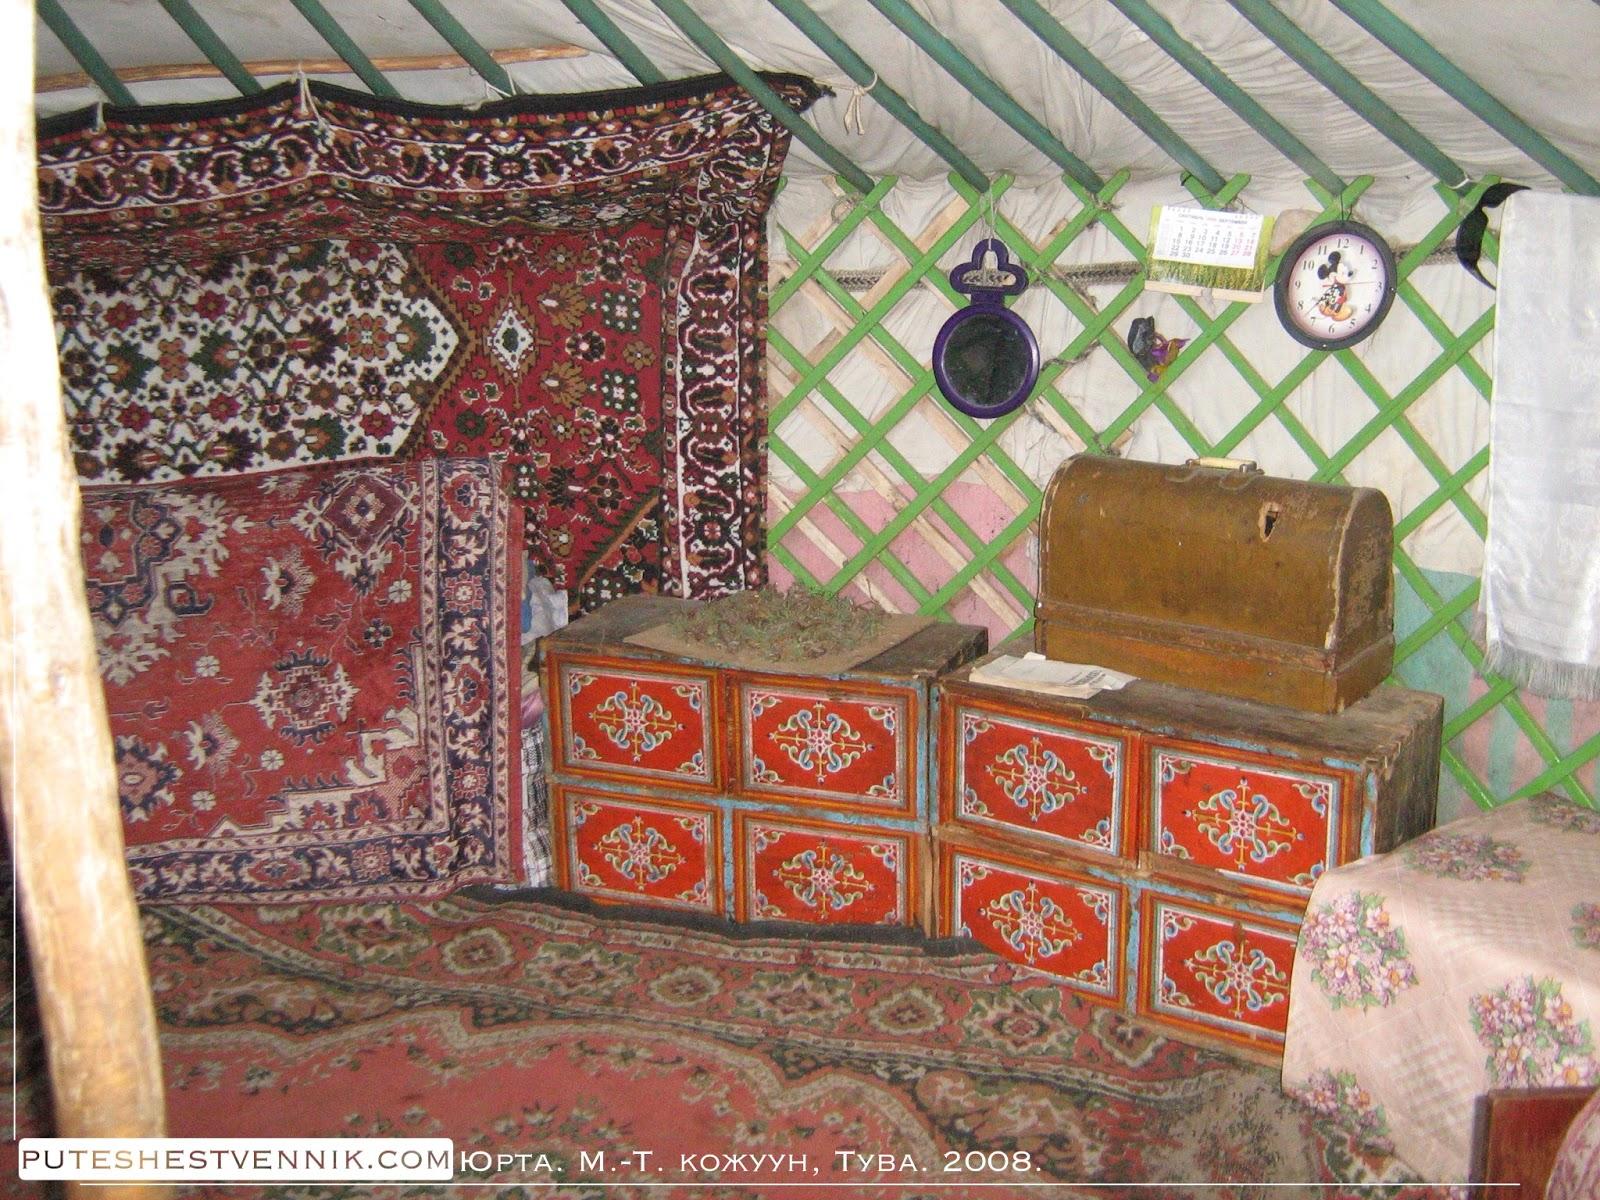 Шкафы с орнаментом и ковры в юрте